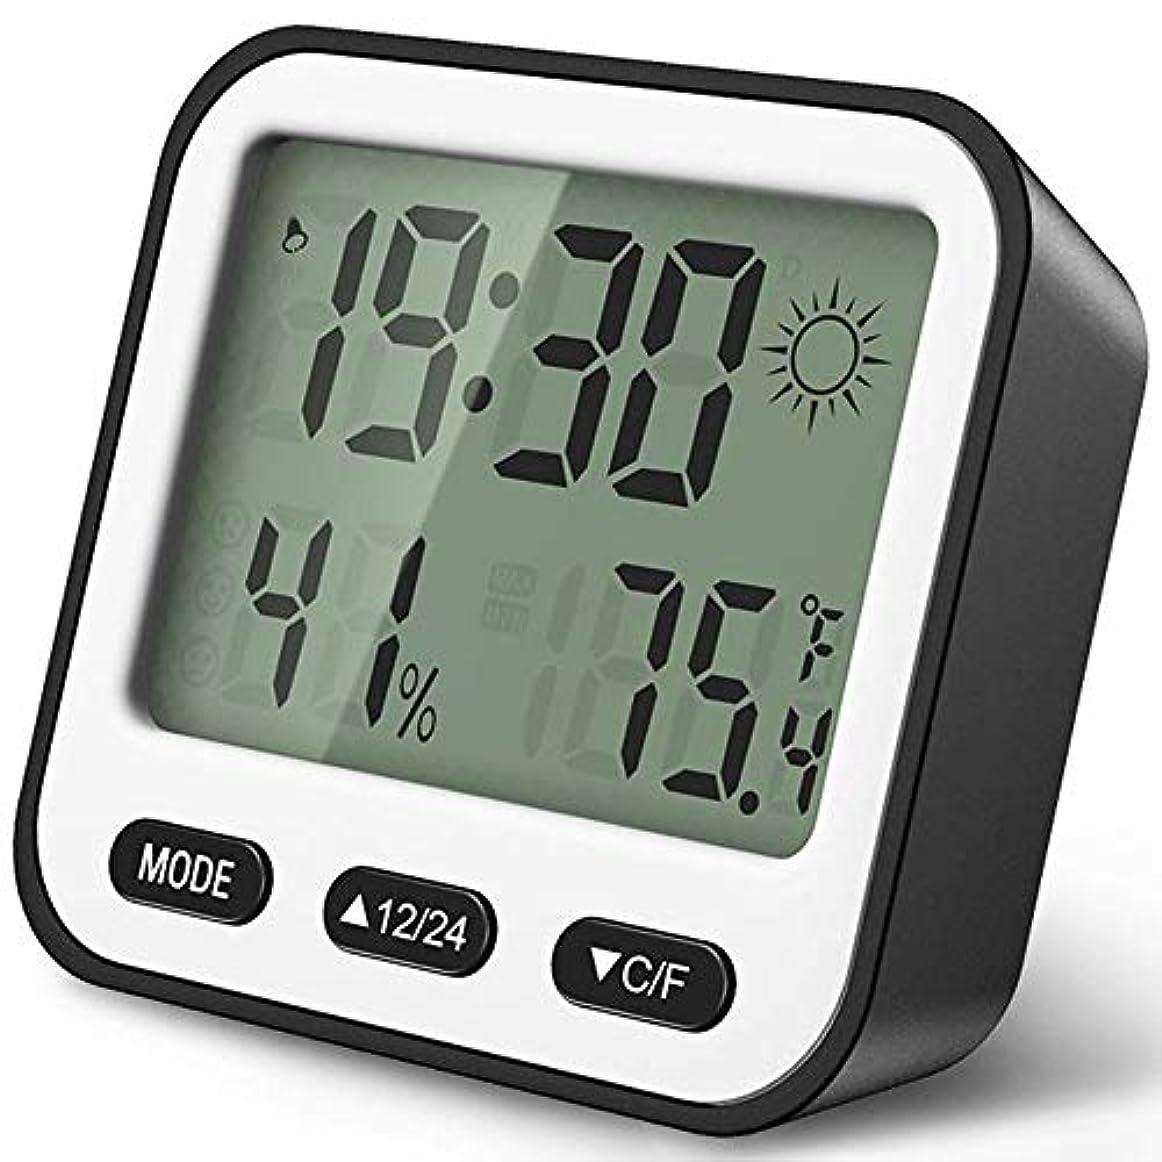 シュガークローゼットしかしRETYLY 寝室用の小さな目覚まし時計、デジタル時計 液晶デスククロックガールズキッズ目覚まし時計 電池式 天気/温度/湿度ベッド目覚まし時計オフィスのための壁旅行目覚まし時計